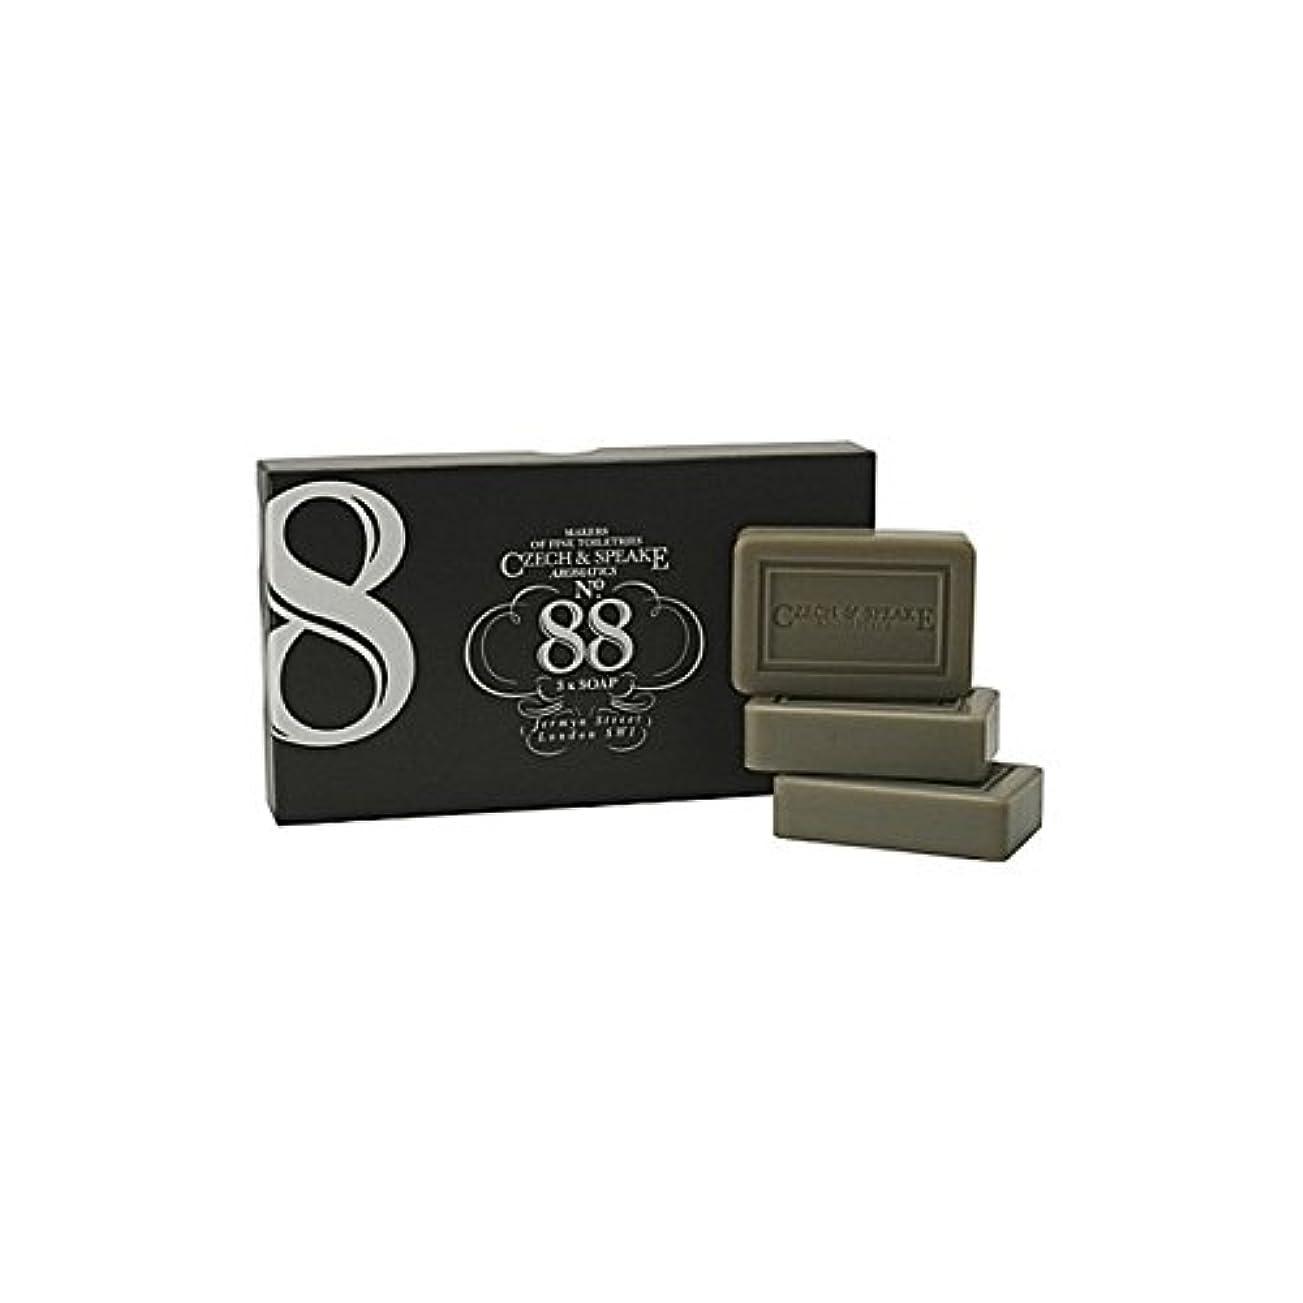 従う飲食店ヘルパーチェコ&スピーク.88ソープセット x2 - Czech & Speake No.88 Soap Set (Pack of 2) [並行輸入品]